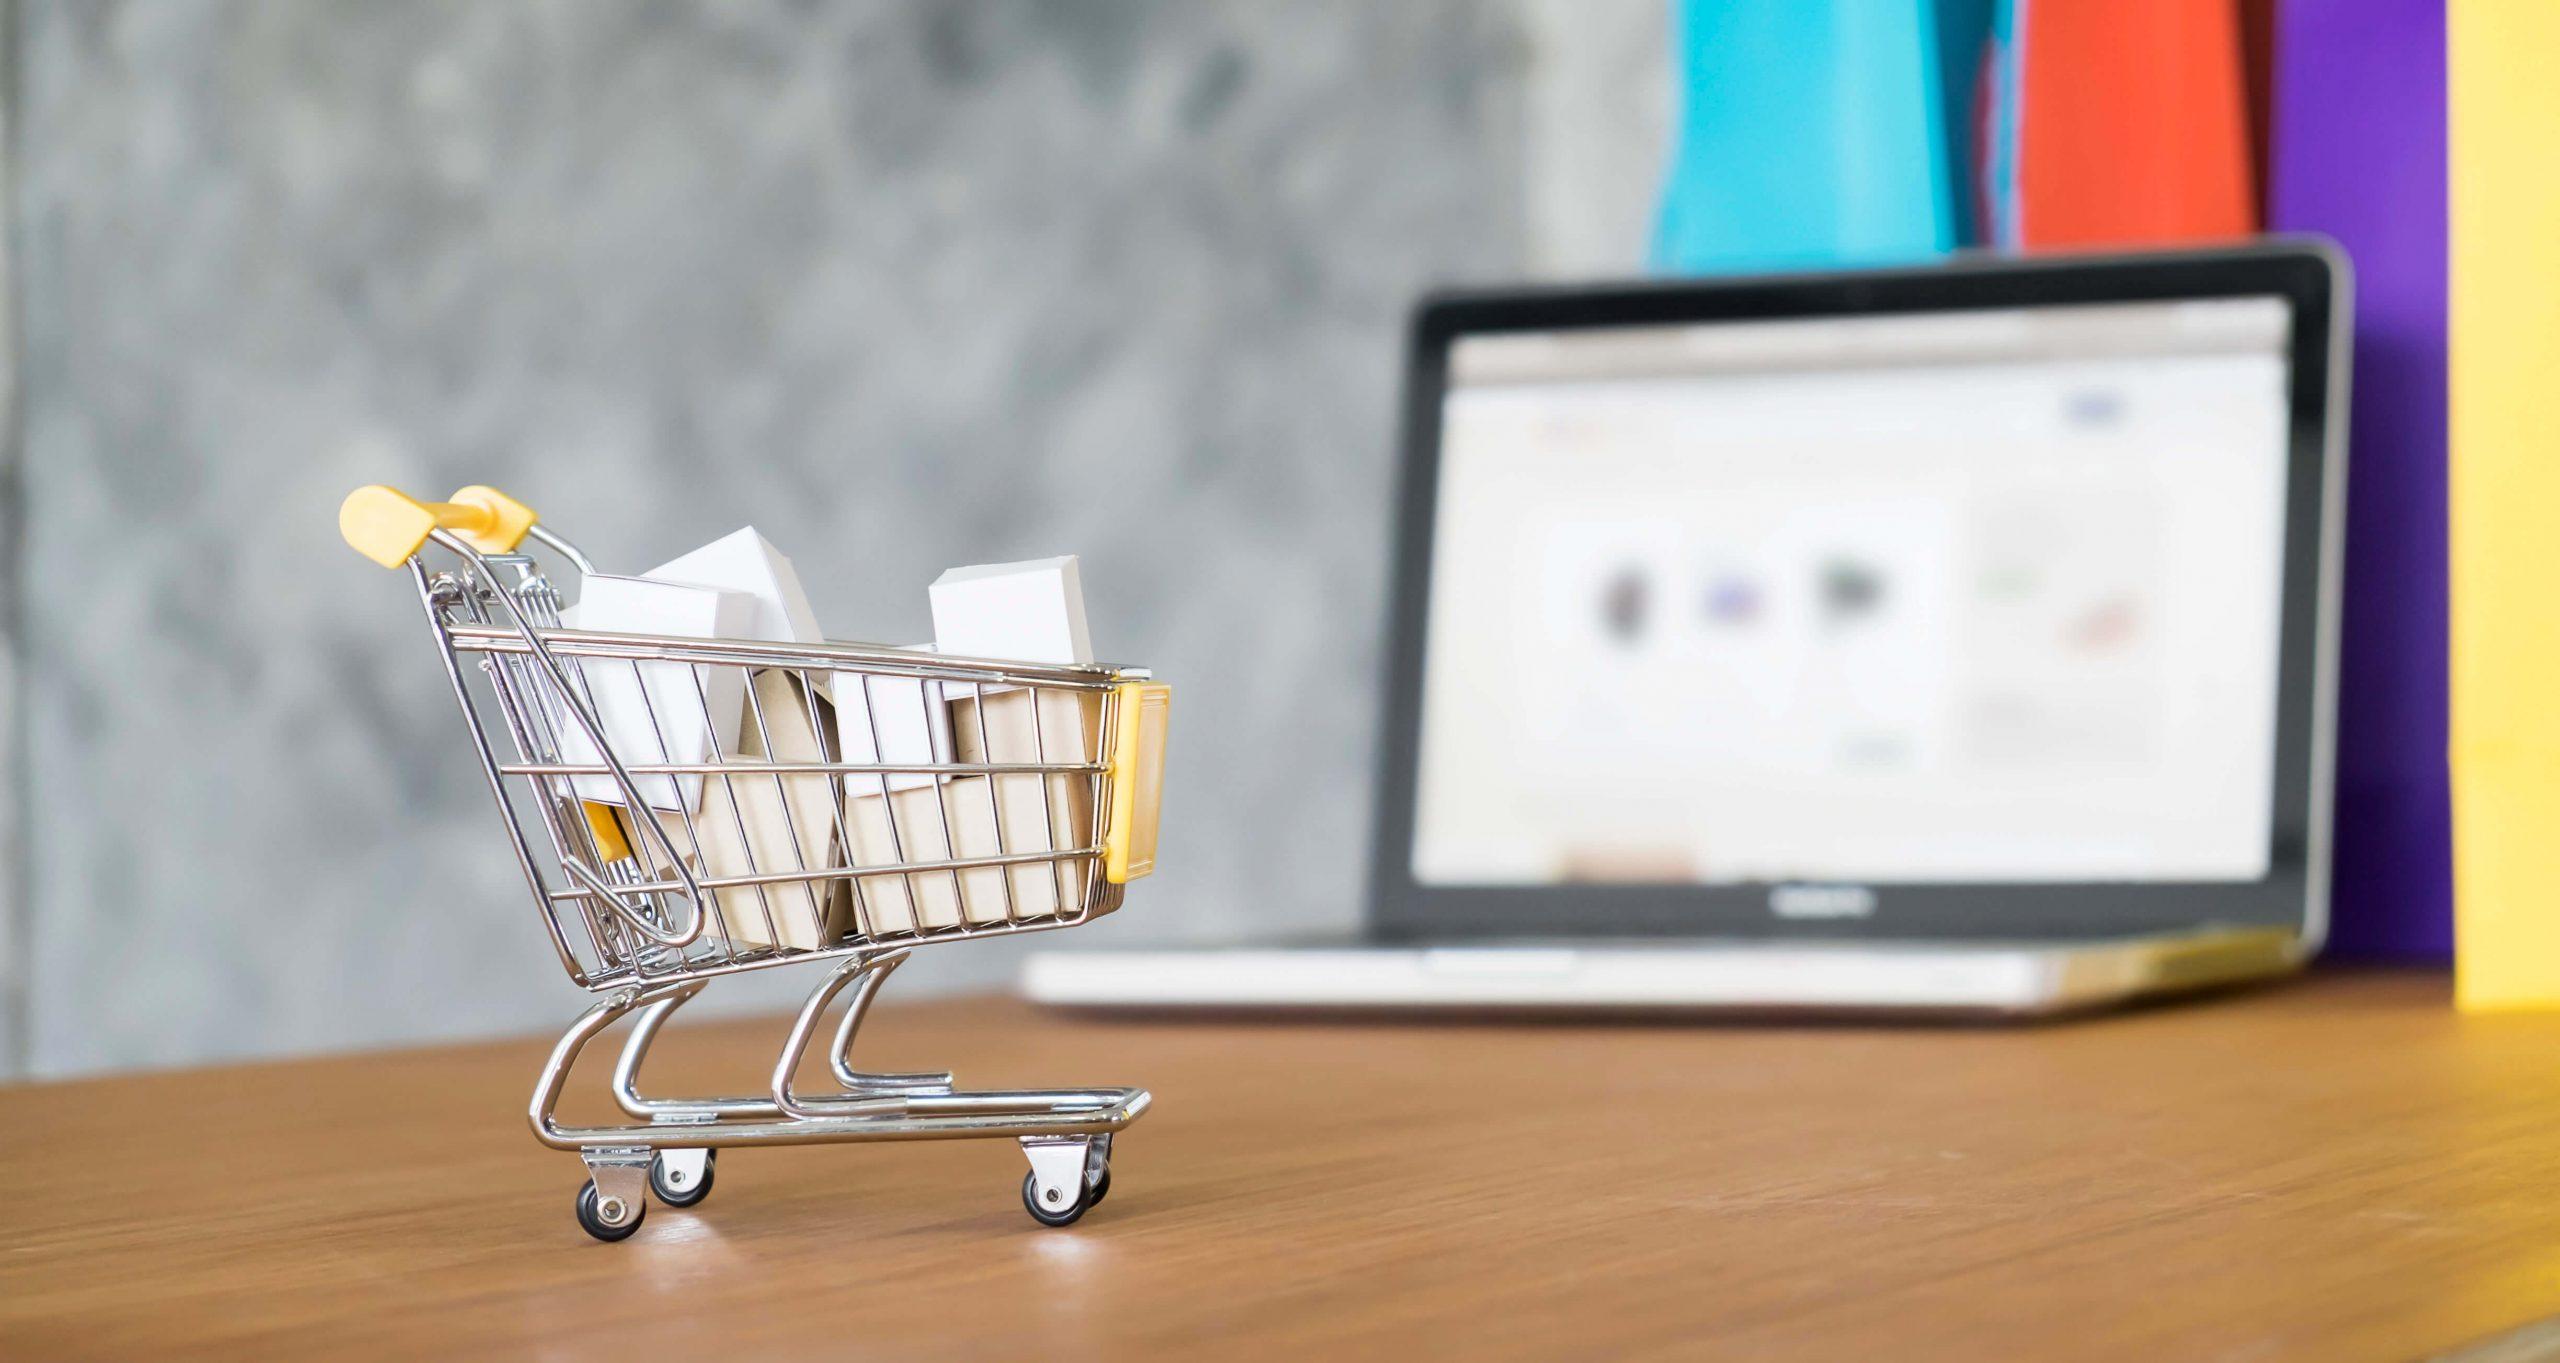 Разработка интернет магазина под ключ по доступной цене